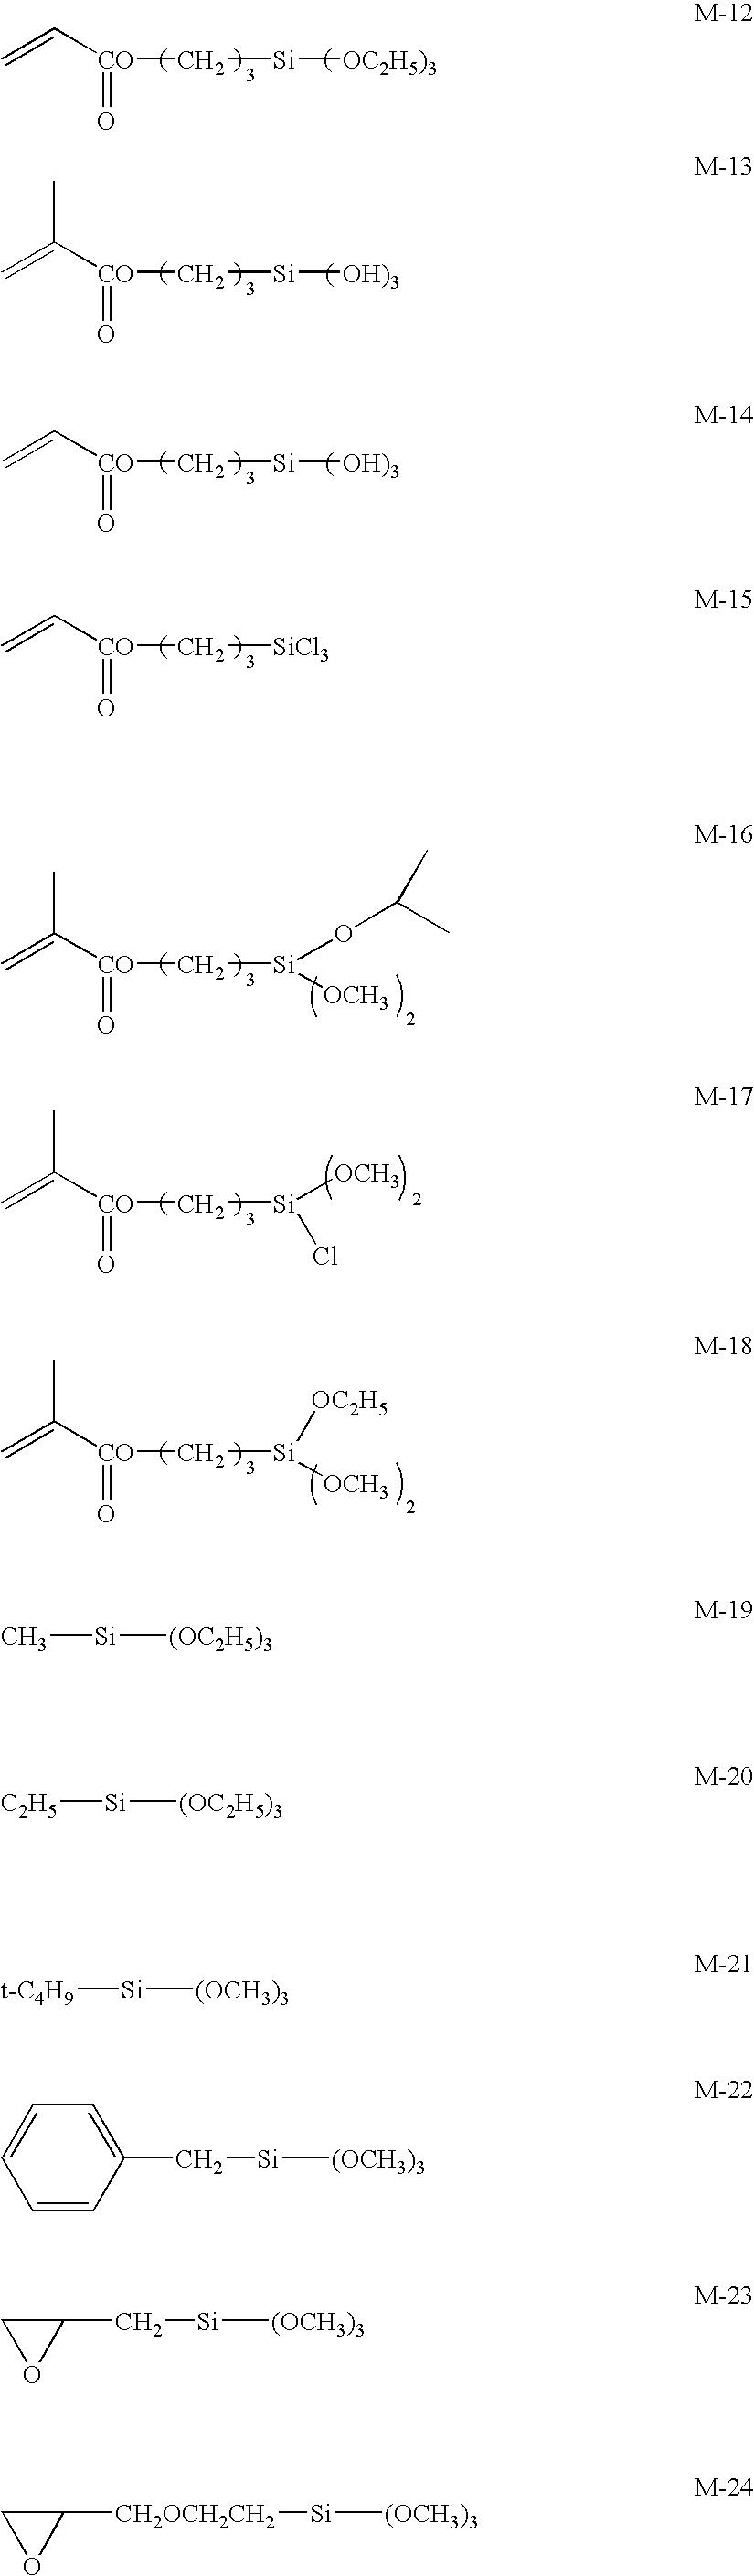 Figure US20090178589A1-20090716-C00005